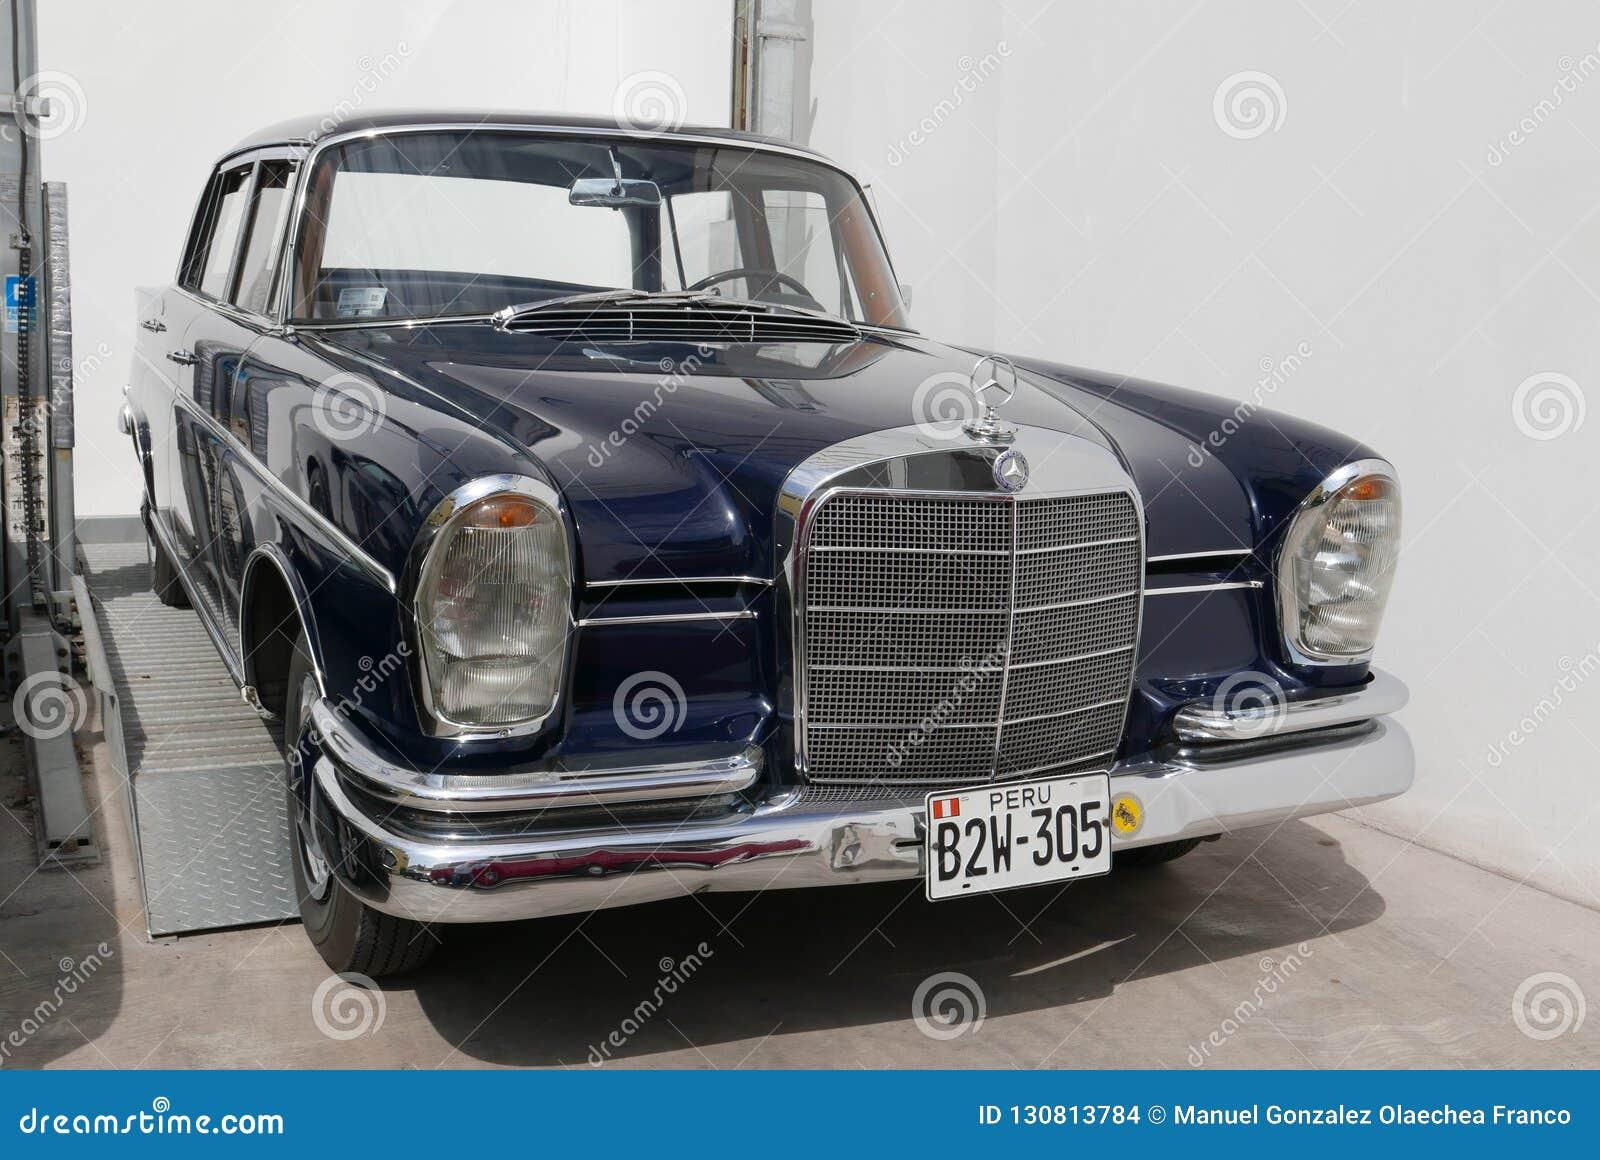 Dark Blue Mercedes Benz 300 Se L Showed In Lima Editorial Stock Image Image Of Daimler Life 130813784